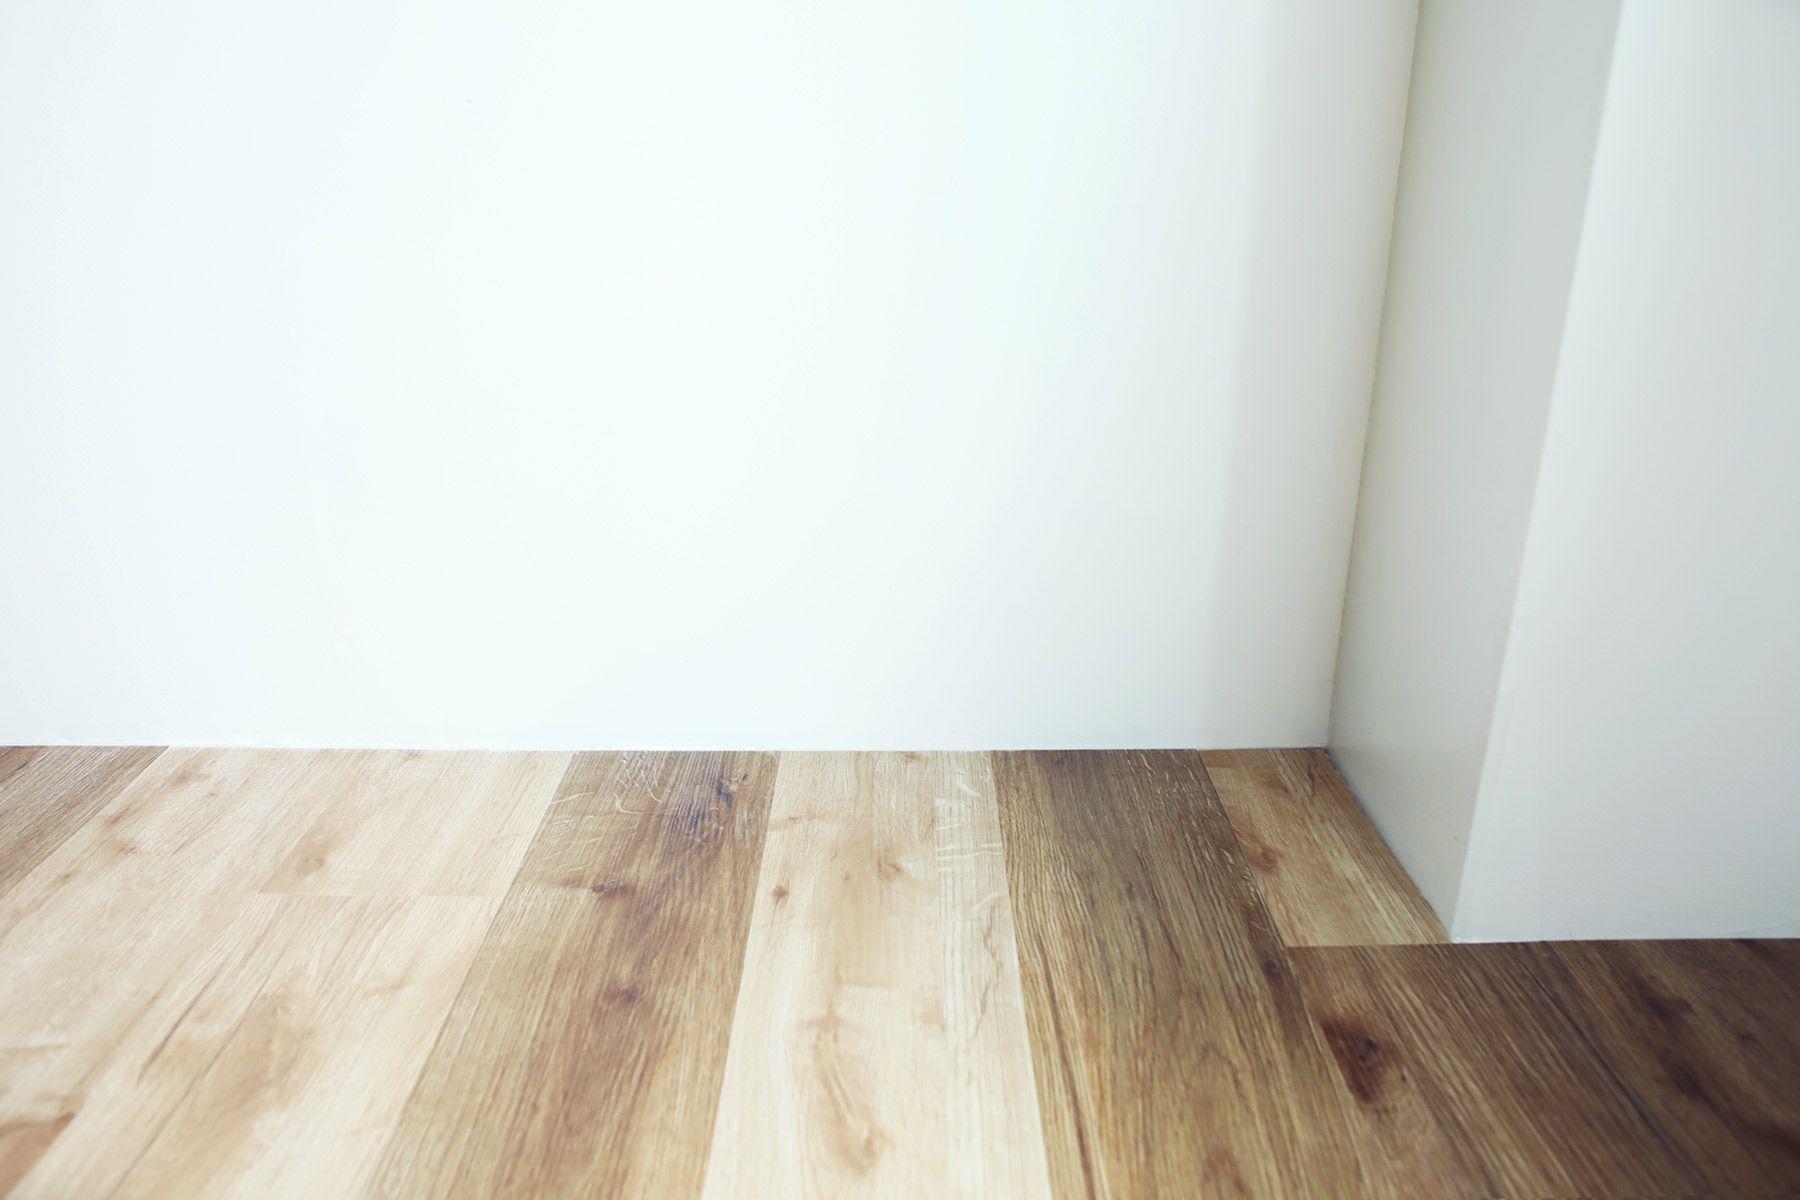 荻窪写真館スタジオ (オギクボシャシンカン)巾木がなく足元にライン入りません